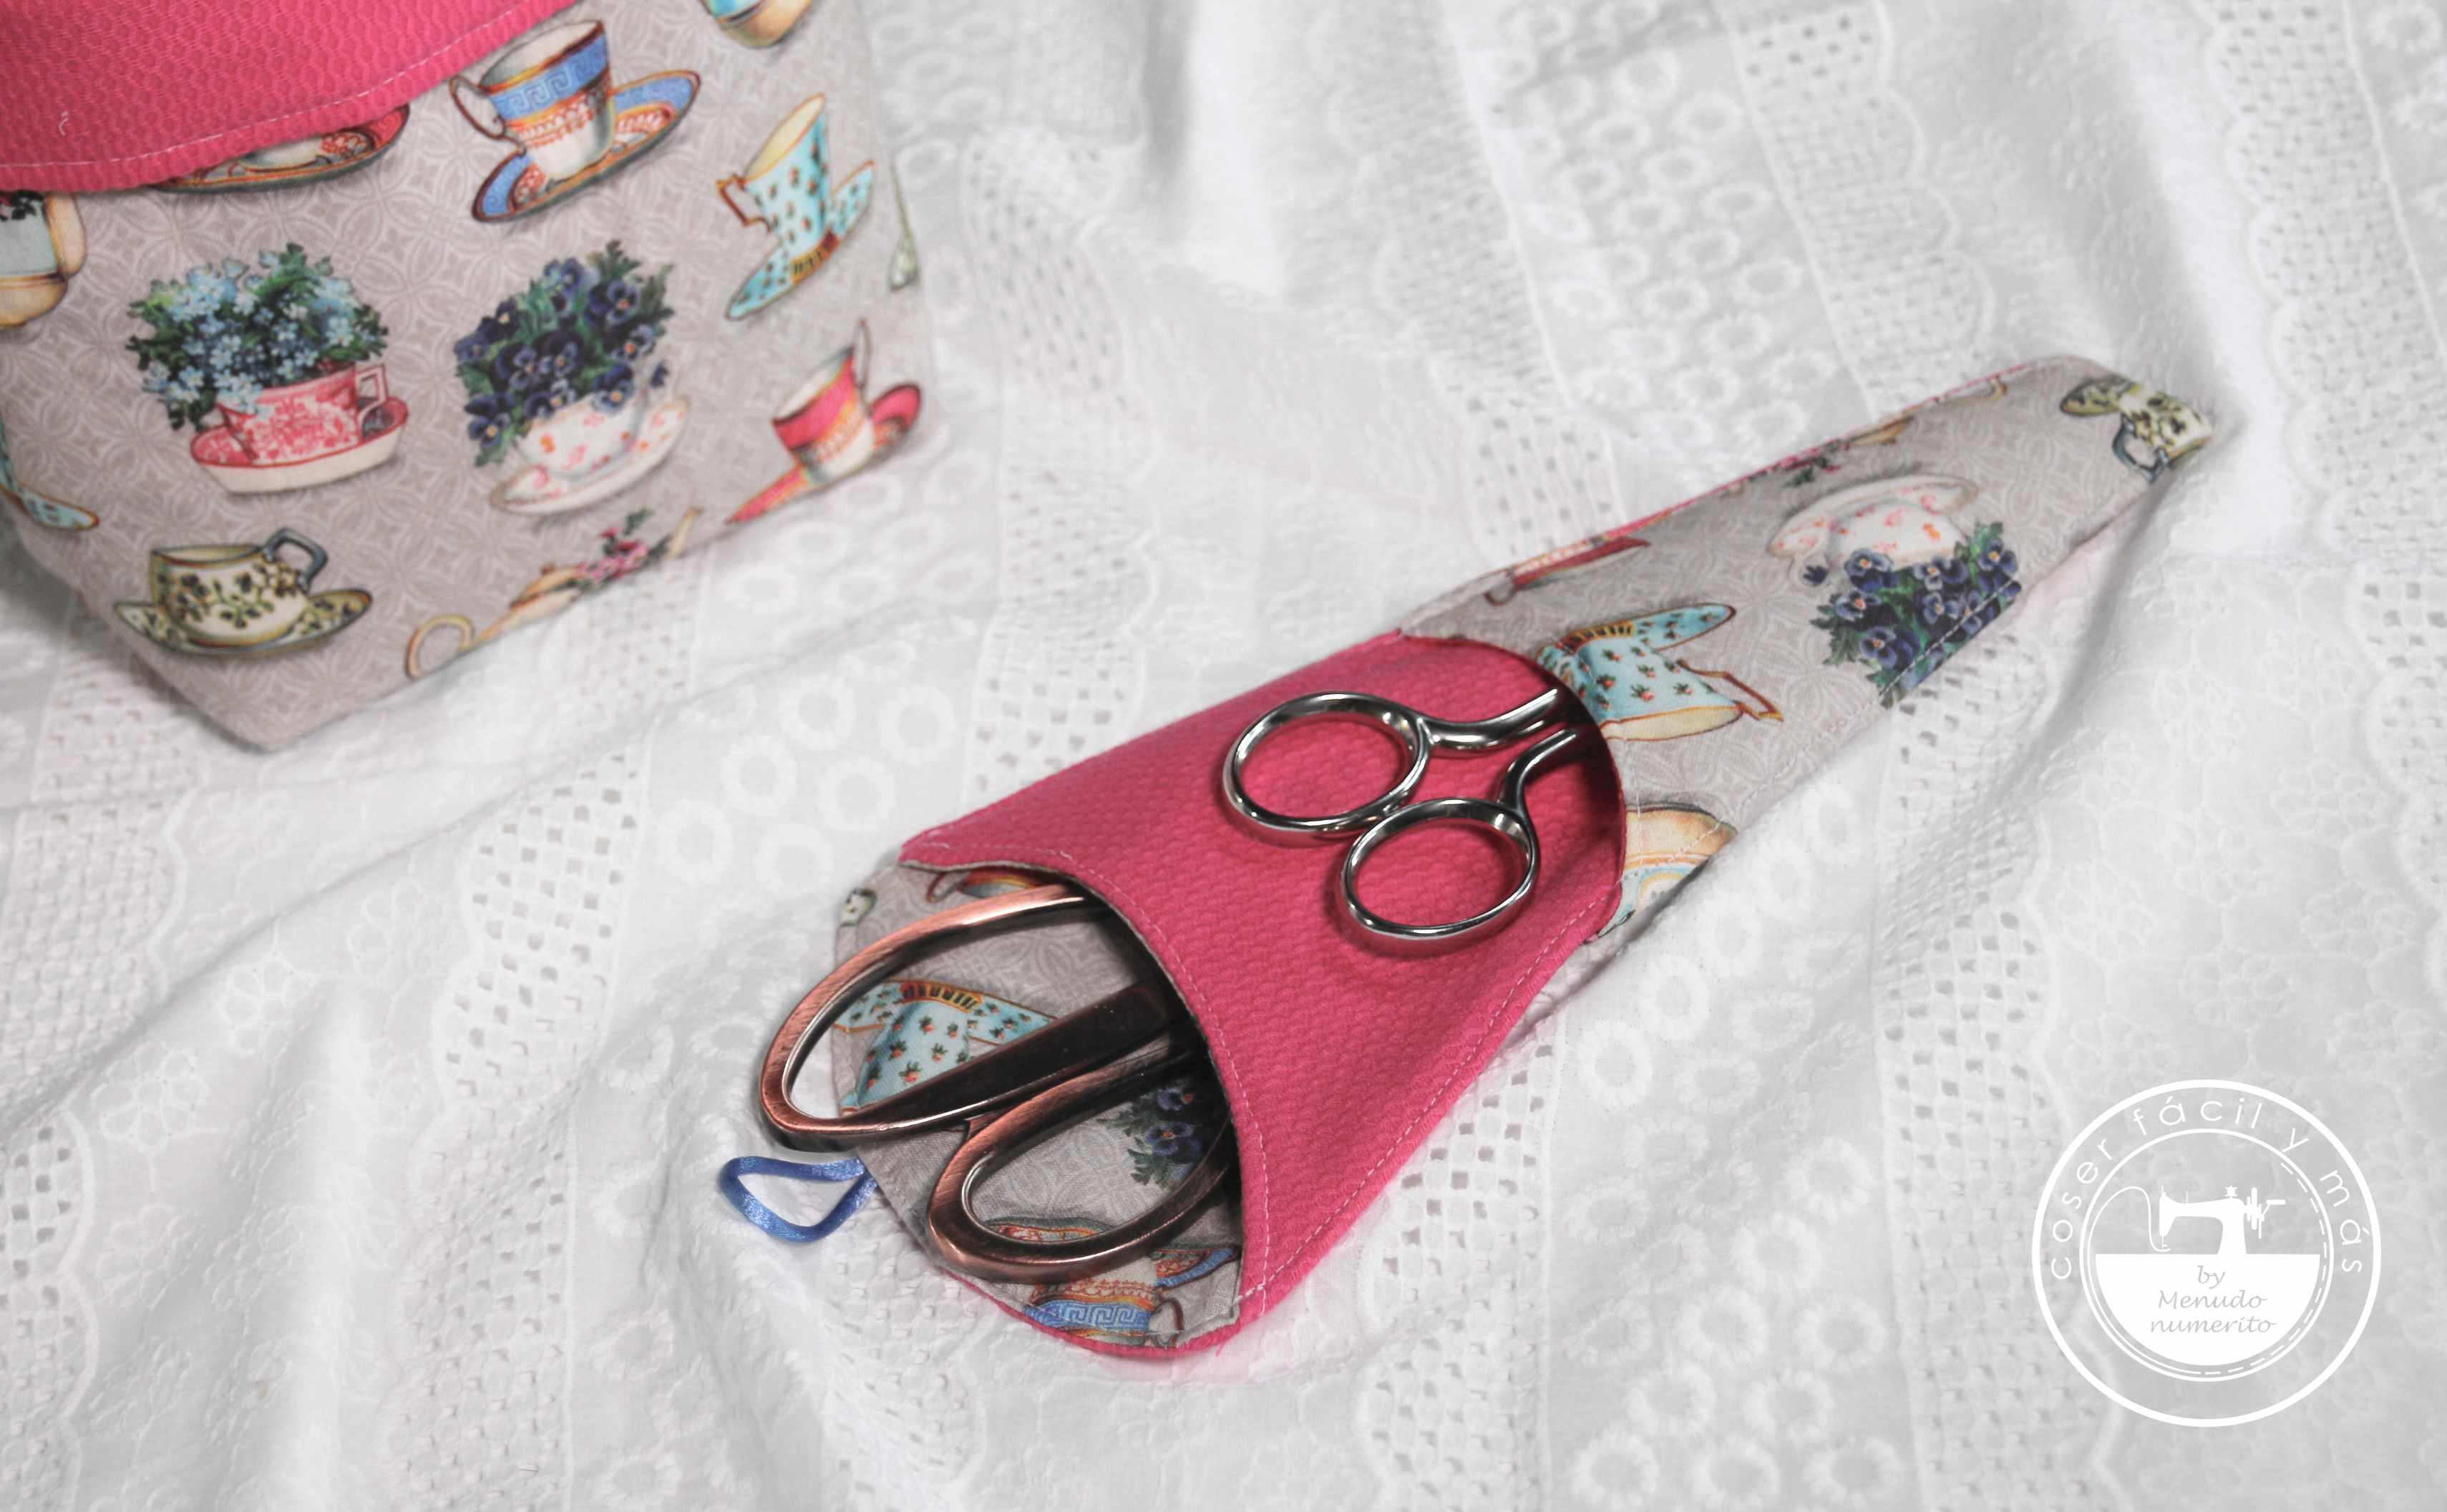 funda de tijeras costura blog menudo numerito